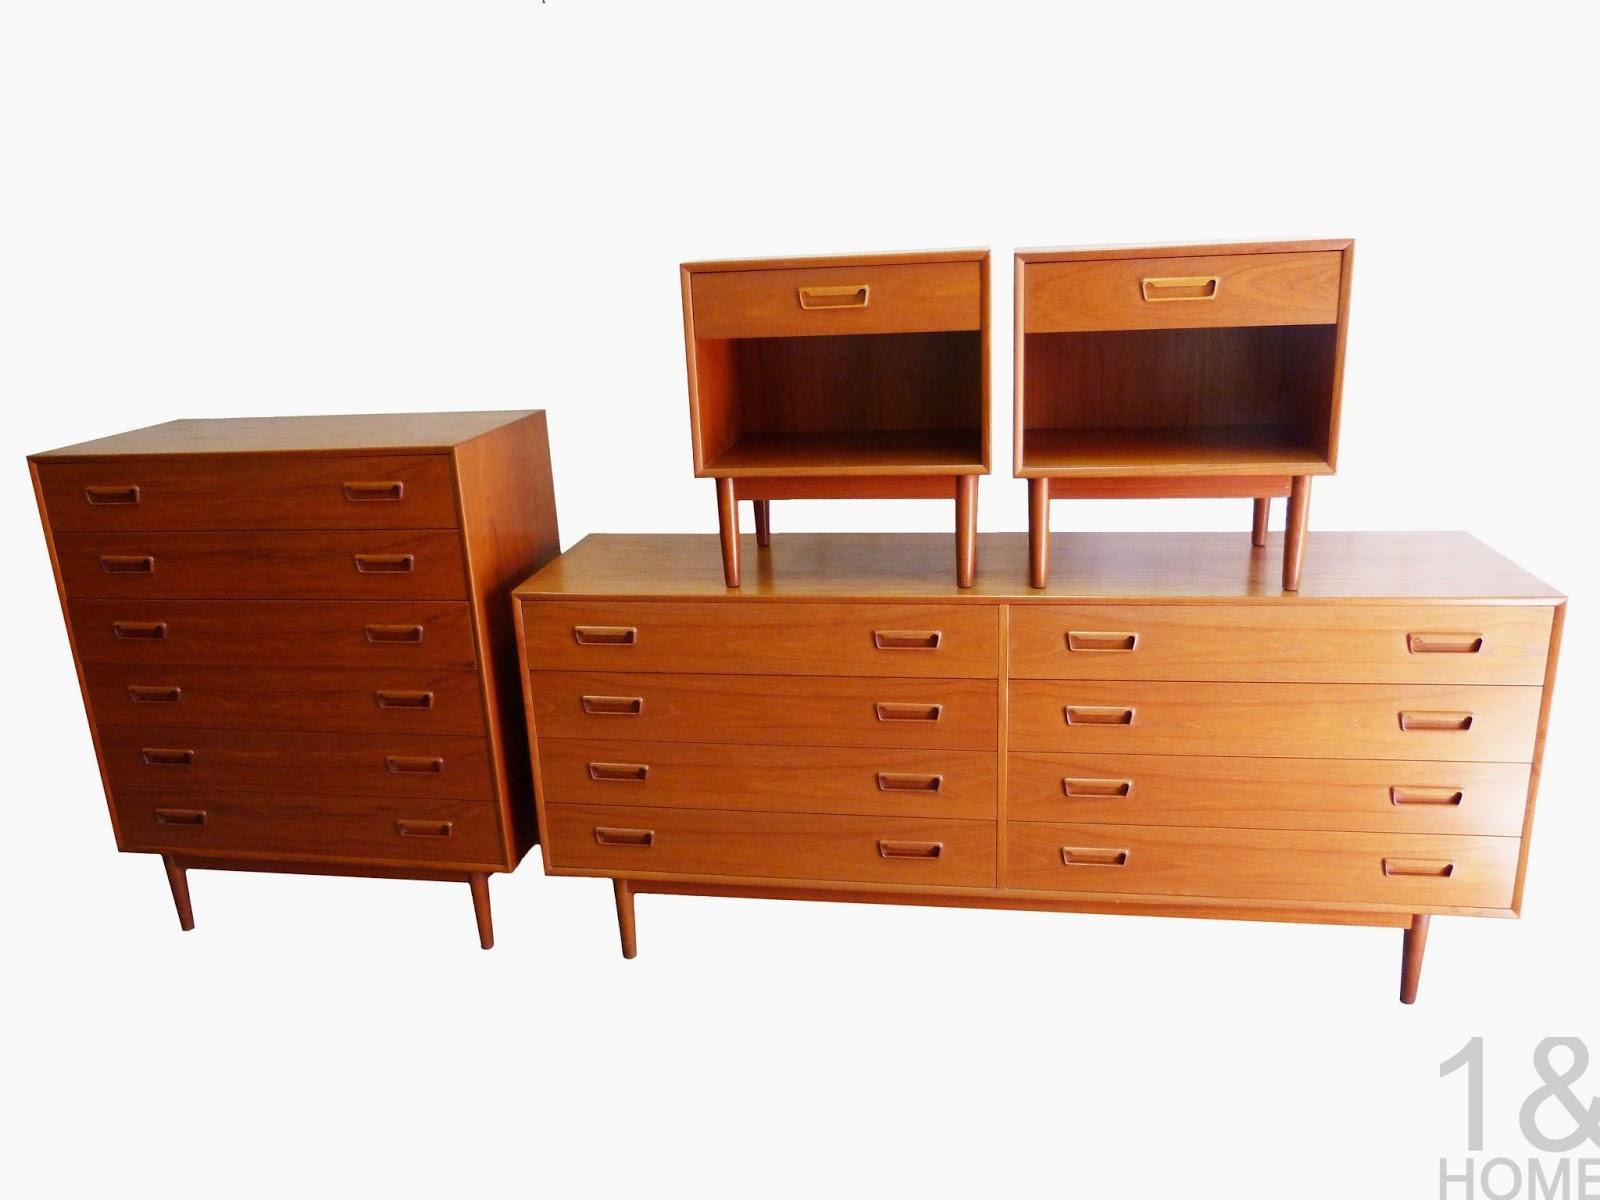 teak bedroom furniture - 28 images - modern teak furniture ...